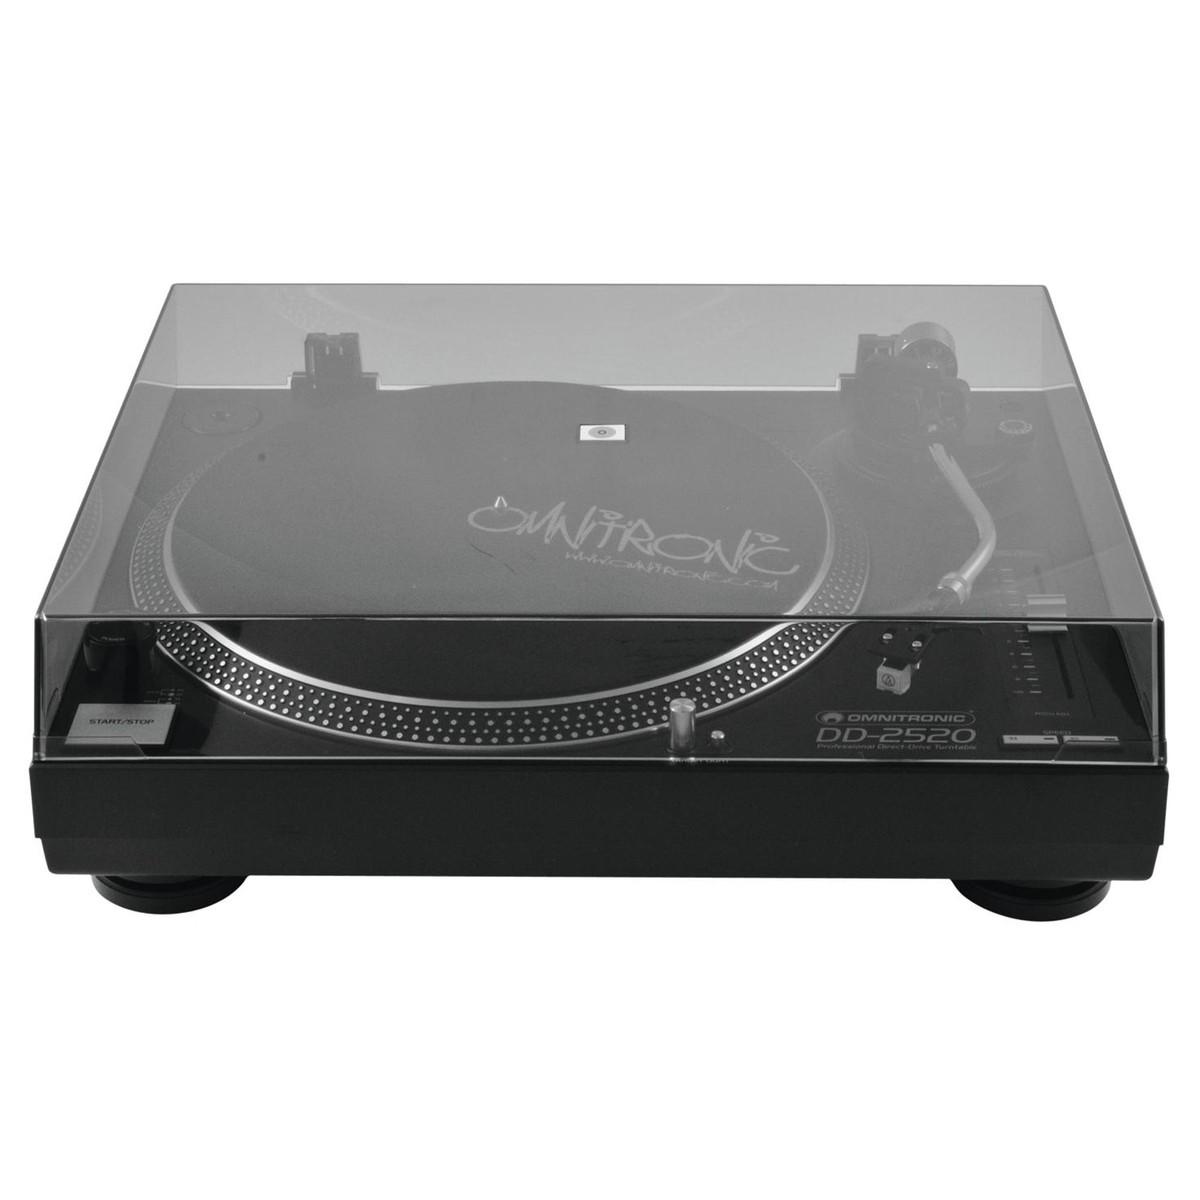 OMNITRONIC DD-2520 USB BLACK GIRADISCHI PER DJ TRAZIONE DIRETTA NERO 4